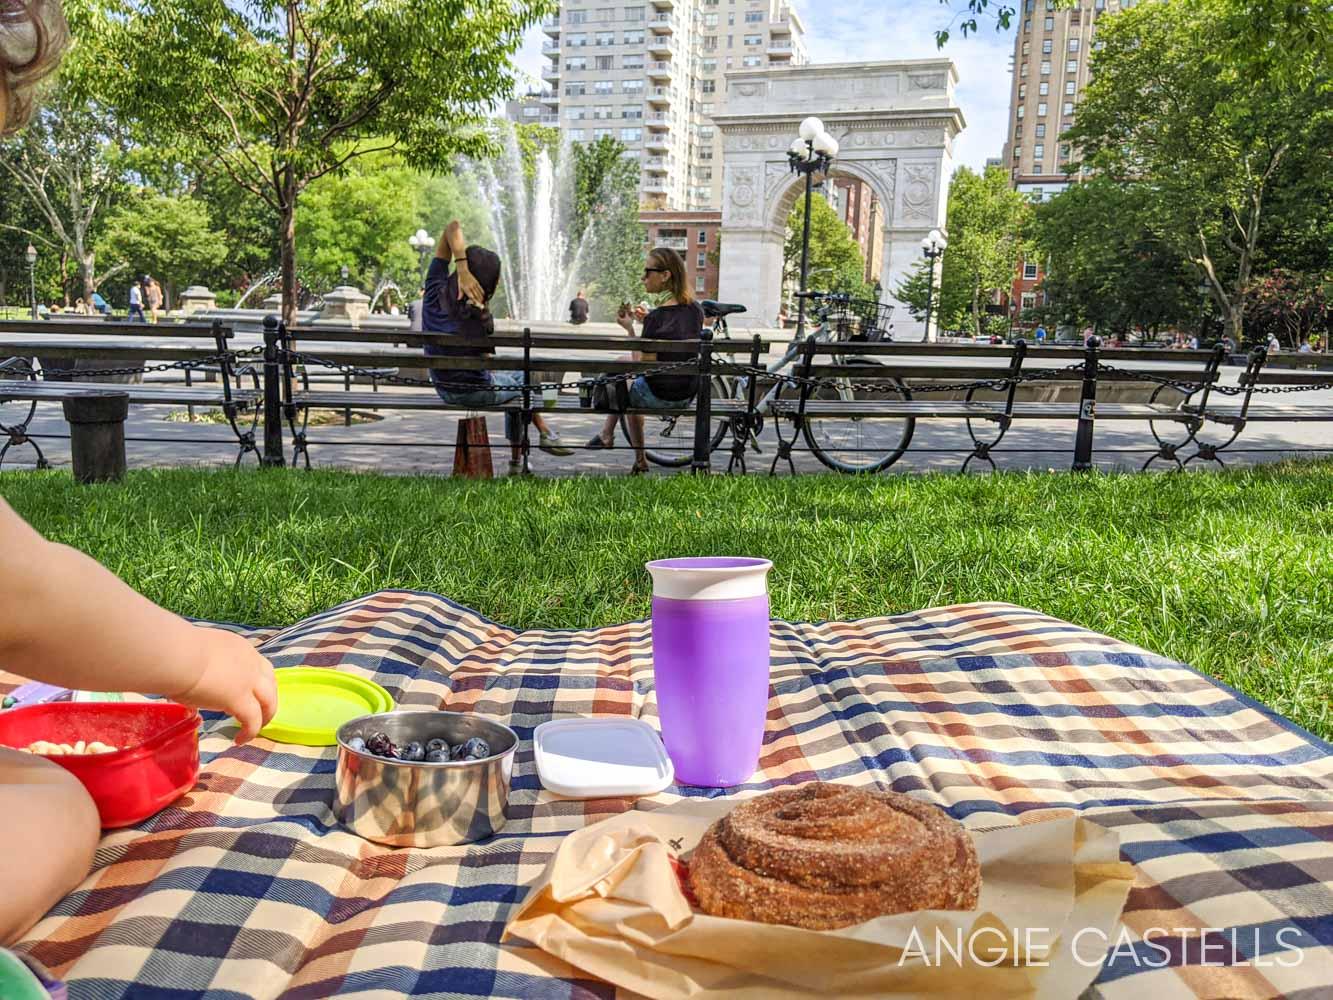 Qué hacer en Nueva York con ninos - Picnic en Washington Square